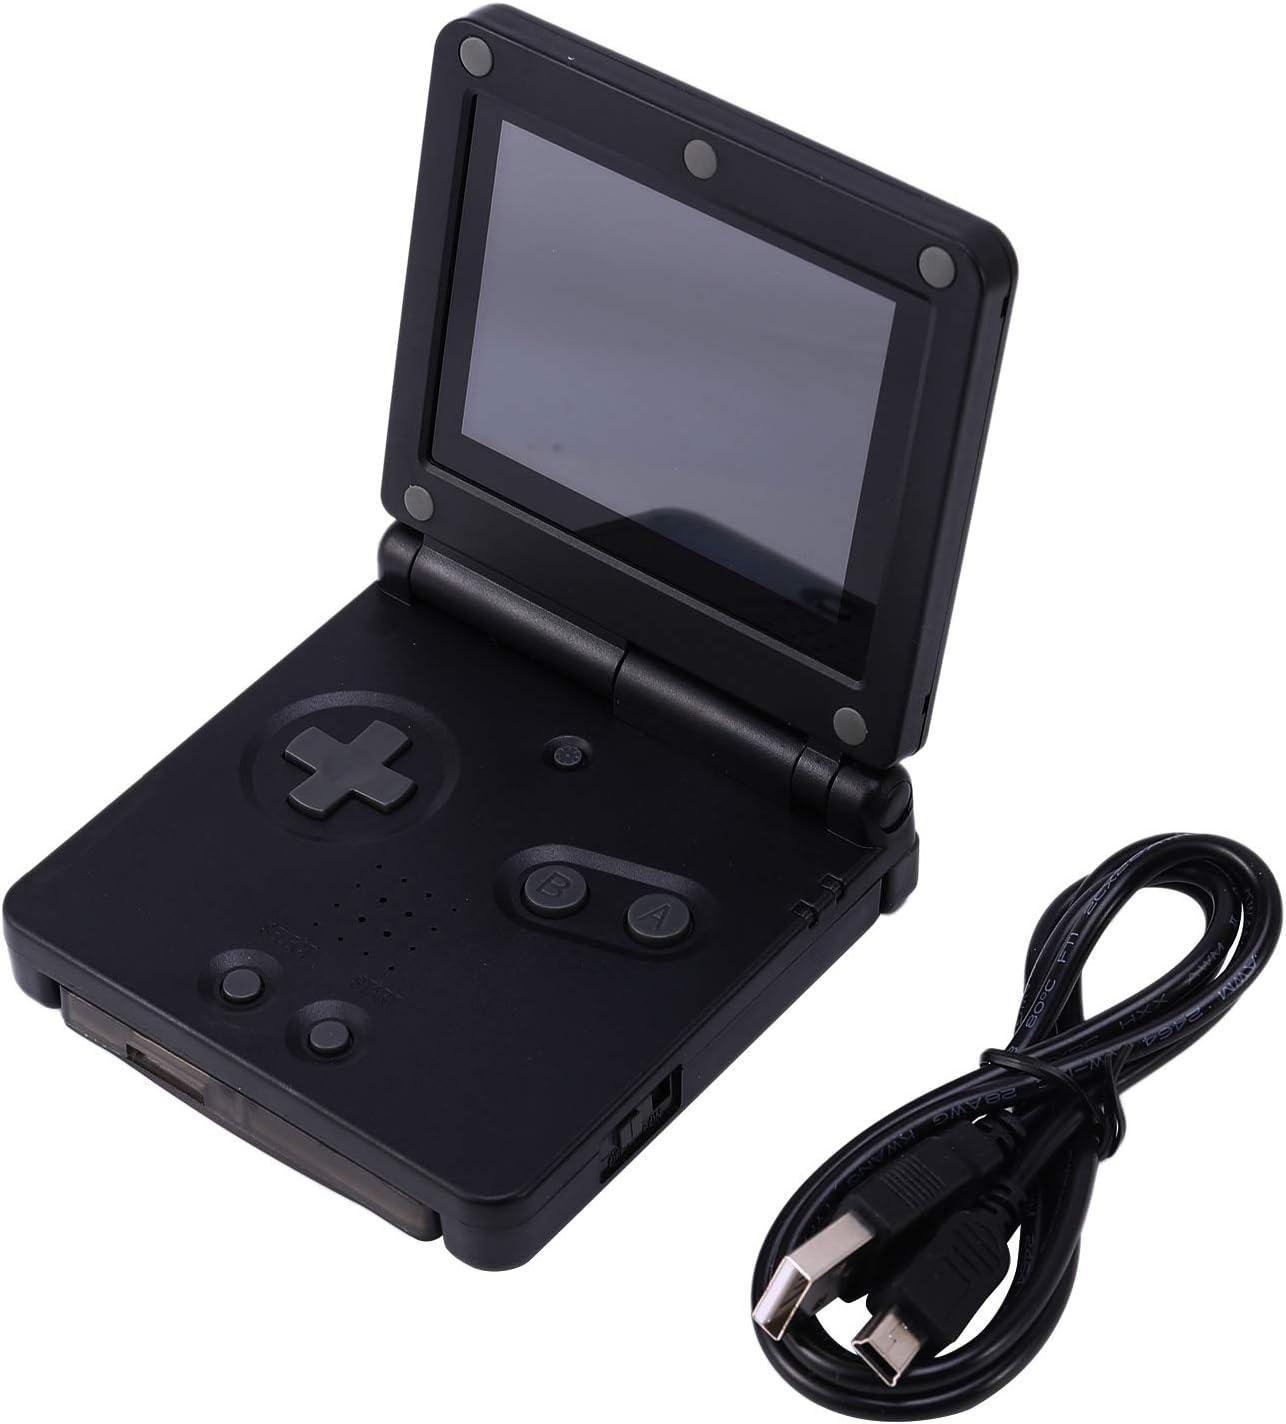 FAUGE32 비트 268 레트로 어린이 게임 콘솔 GB 핸드 헬드 게임 기계   SFC   FC   MD 레크리에이션 기계 다운로드 가능